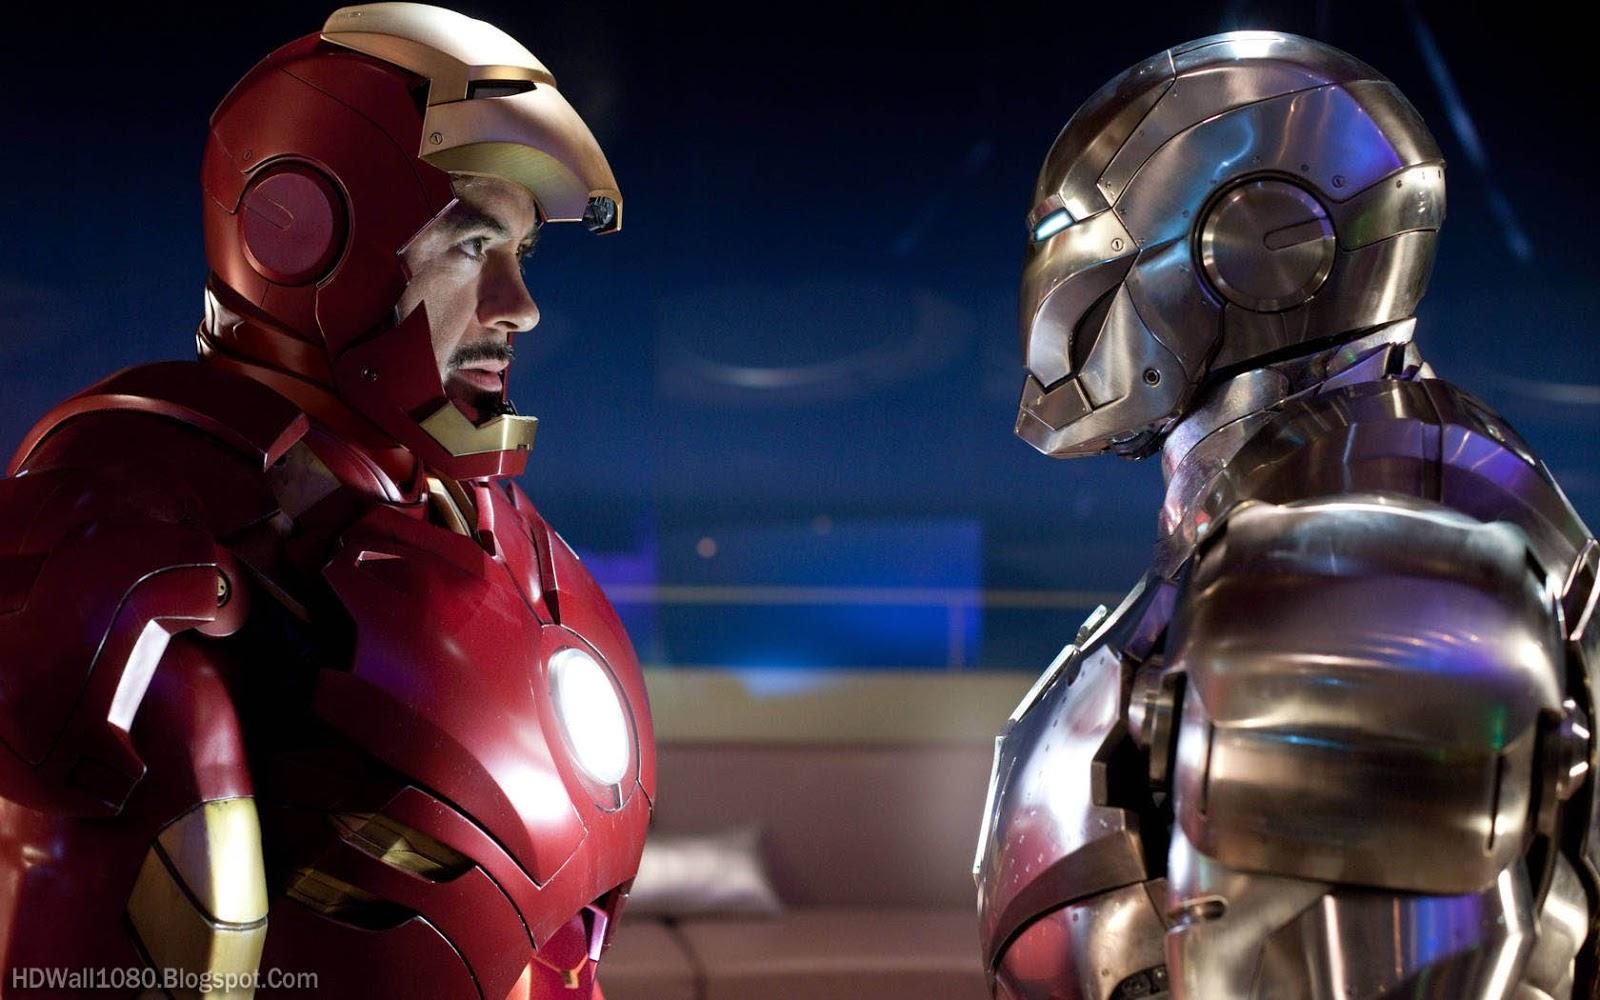 http://4.bp.blogspot.com/-BA6vRGkyDoA/ULoefdNXp-I/AAAAAAAABG0/k-Q18324nvQ/s1600/Iron+Man+Robert+Downey+JR+Wallpaper.jpg